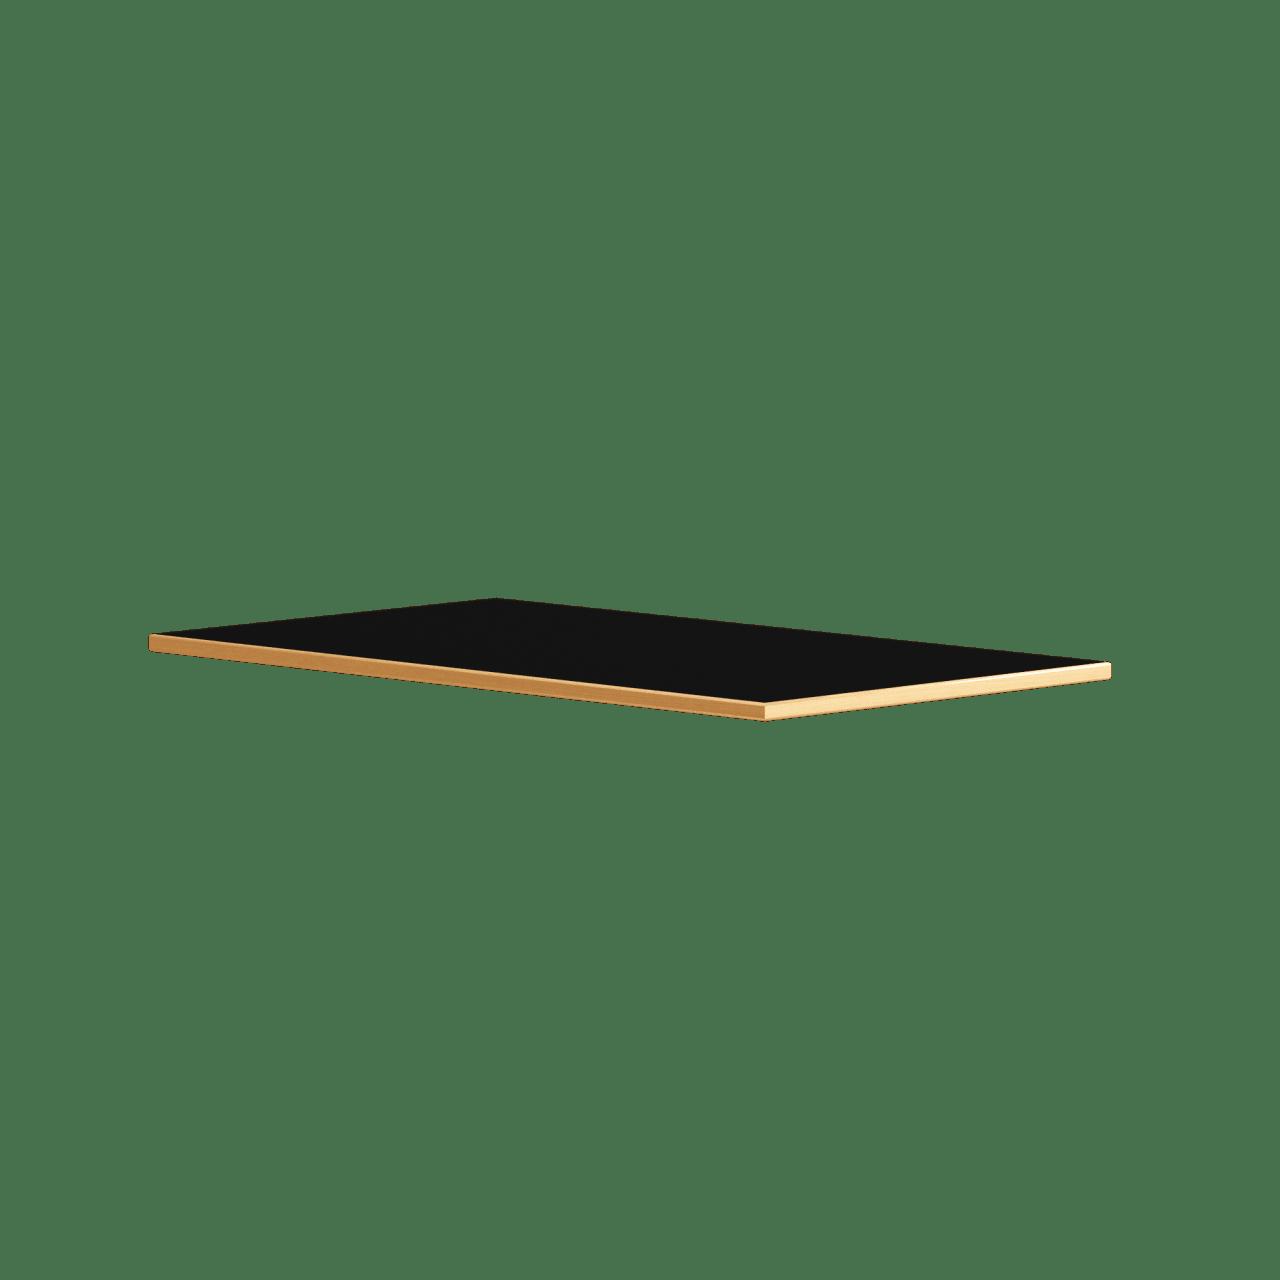 Tischplatte für Eiermann Tischgestell